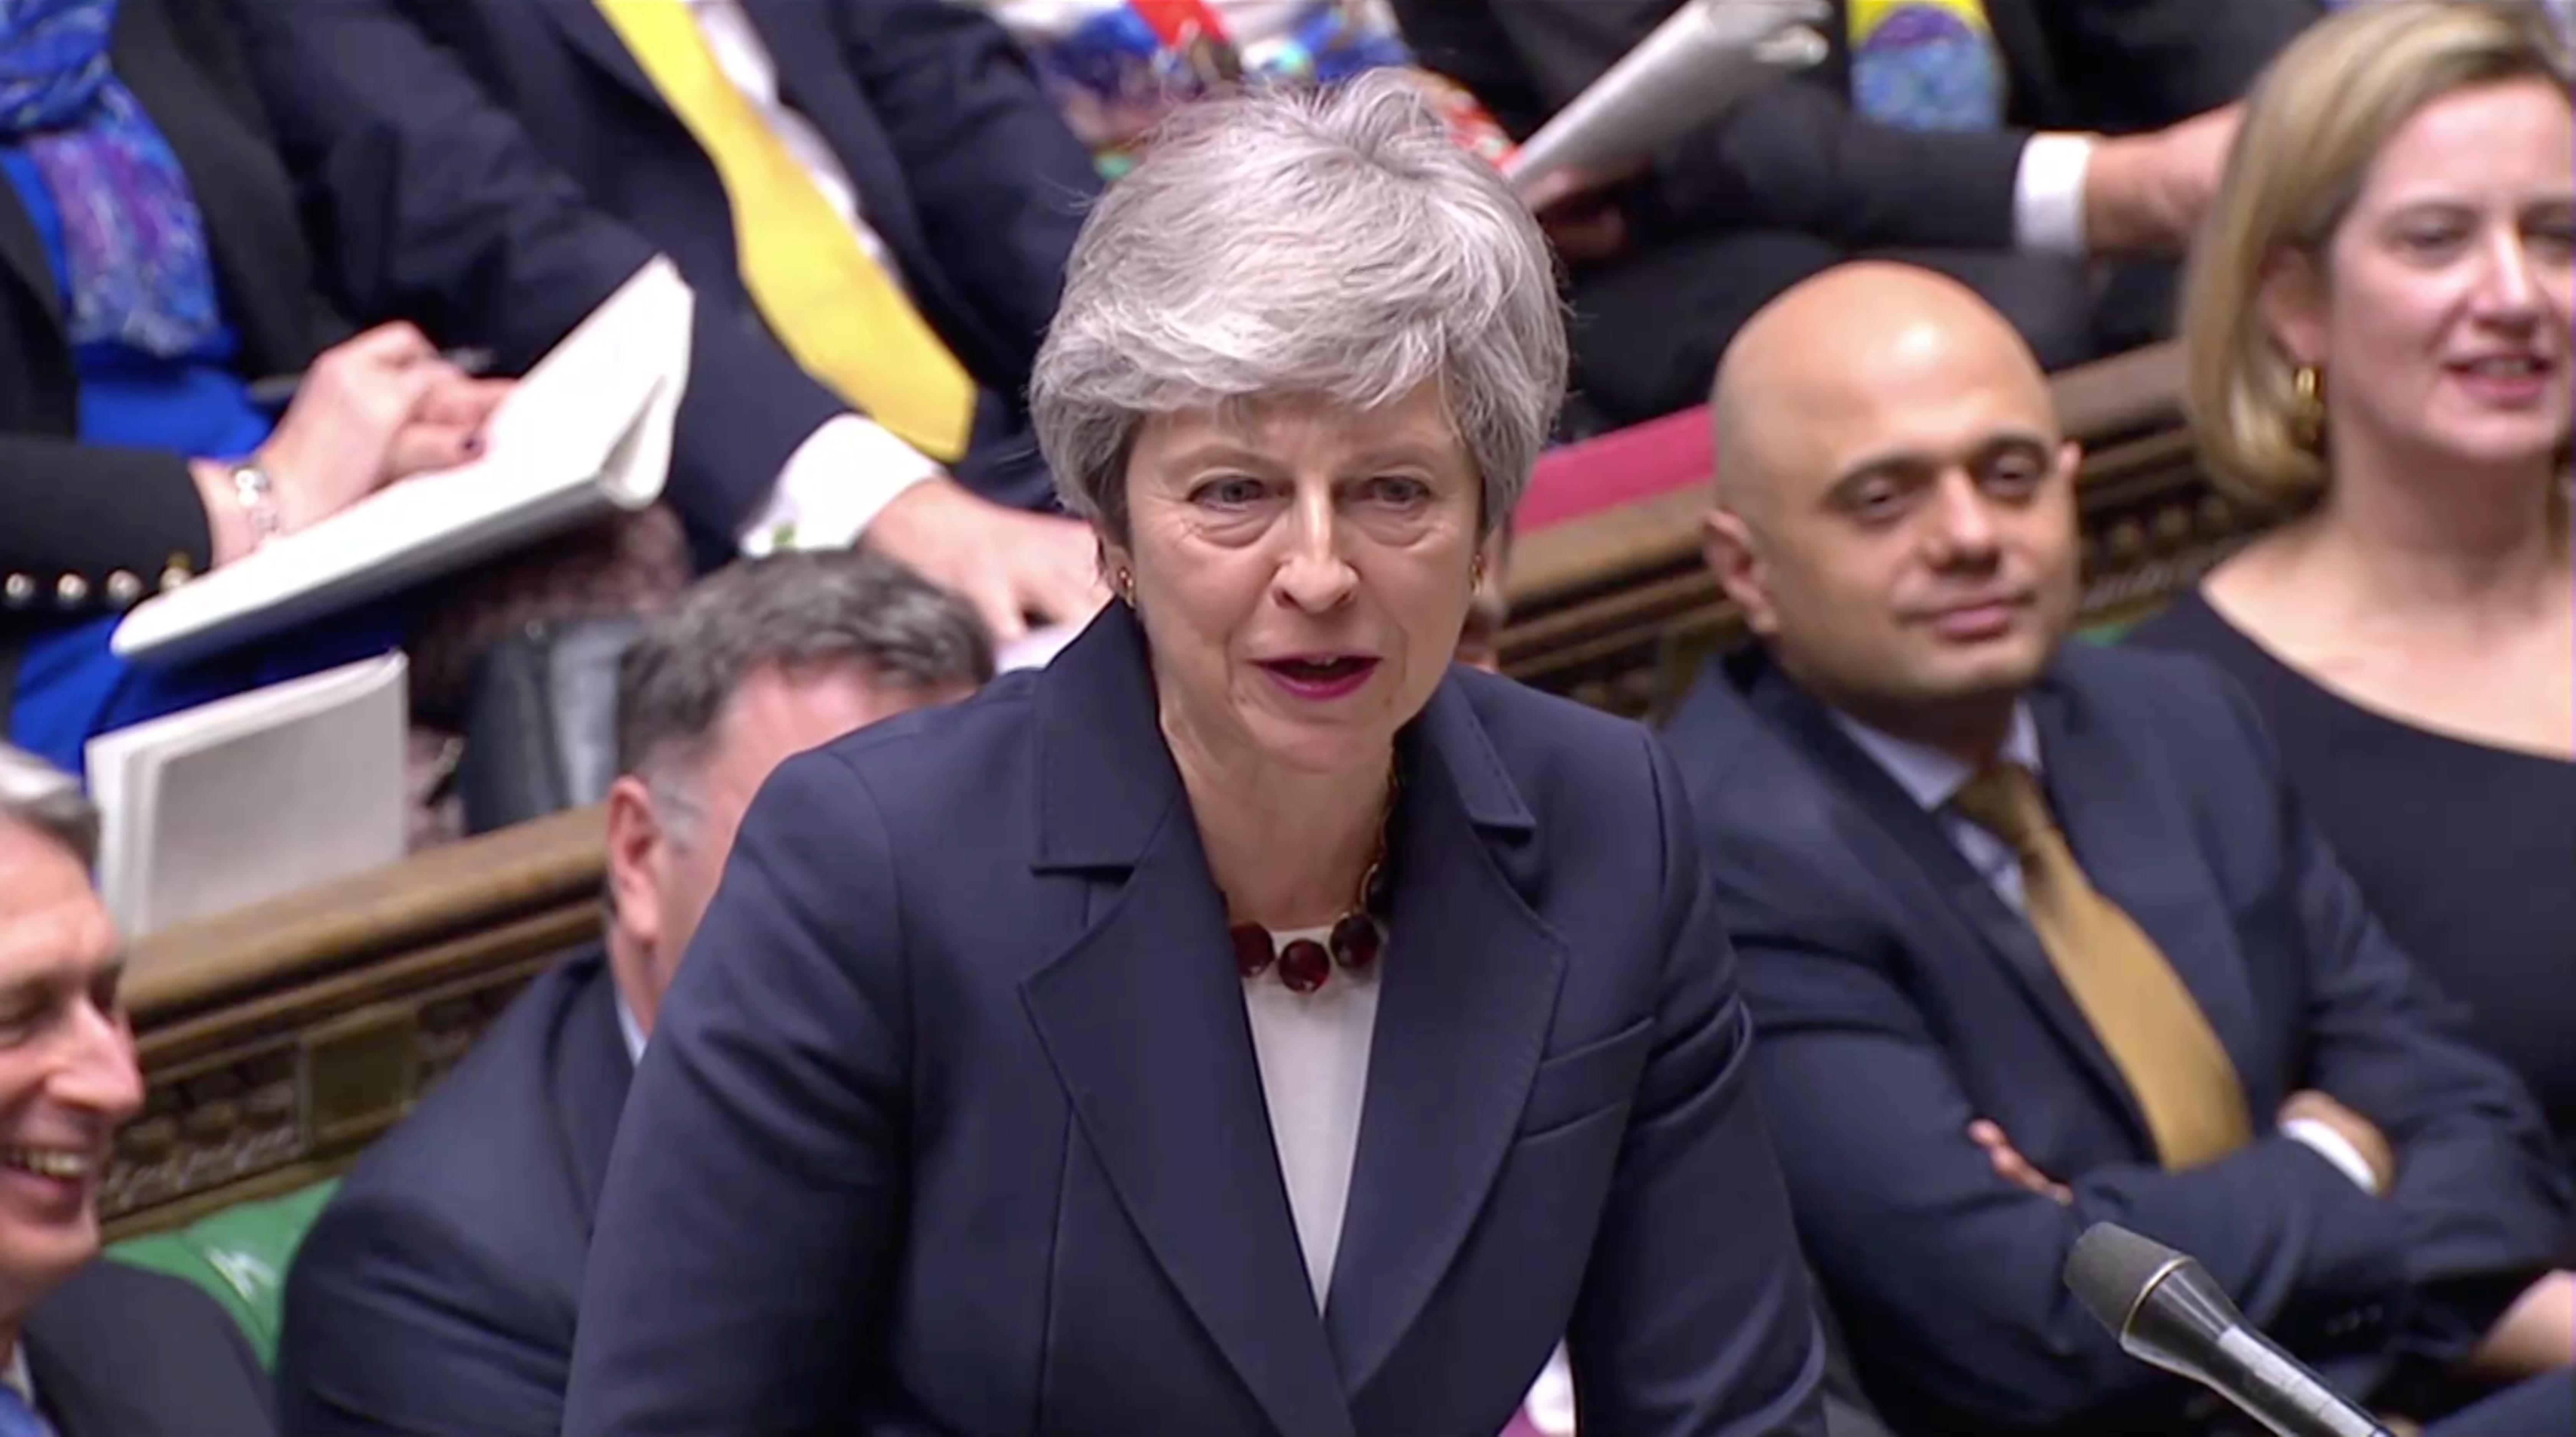 3月27日、英与党・保守党のある議員は、メイ首相が議員らに対し、自身の離脱協定案が議会で承認されれば辞任する考えを示したと明らかにした(2019年 ロイター/ロイターTV)